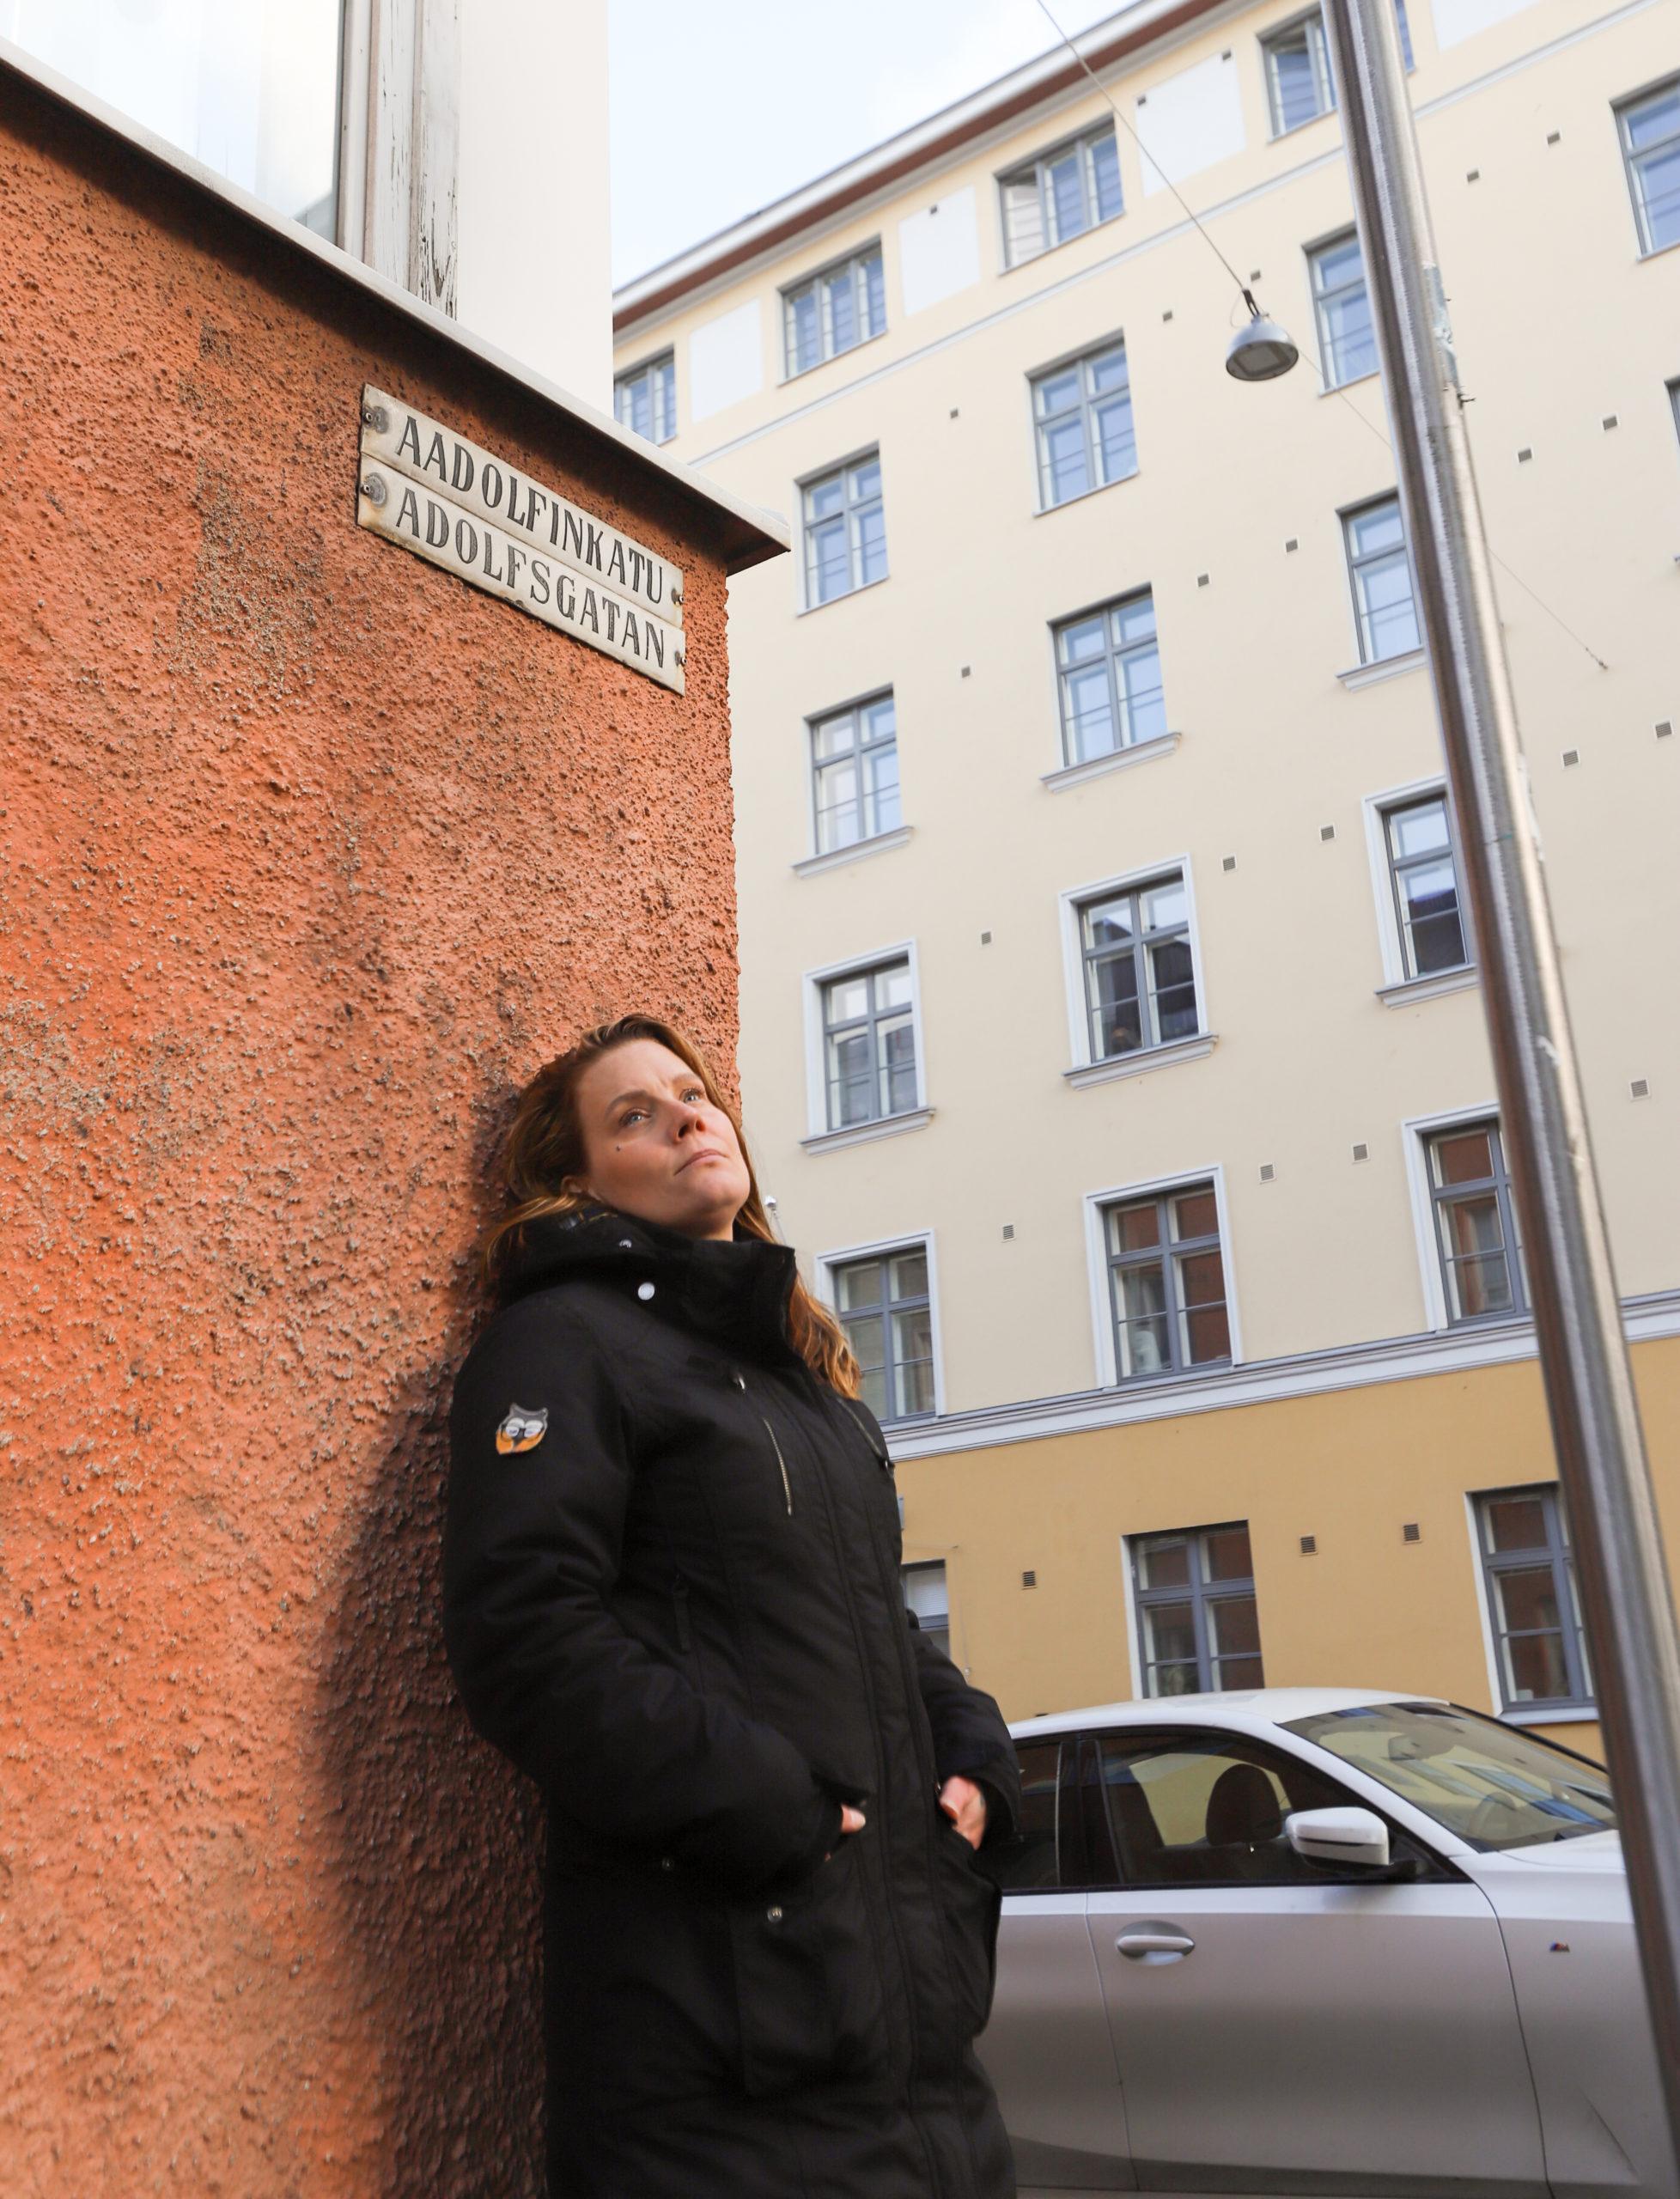 Nainen nojaamassa kadunkulmaan, taustalla näkyy kadunkyltti ja kerrostalo